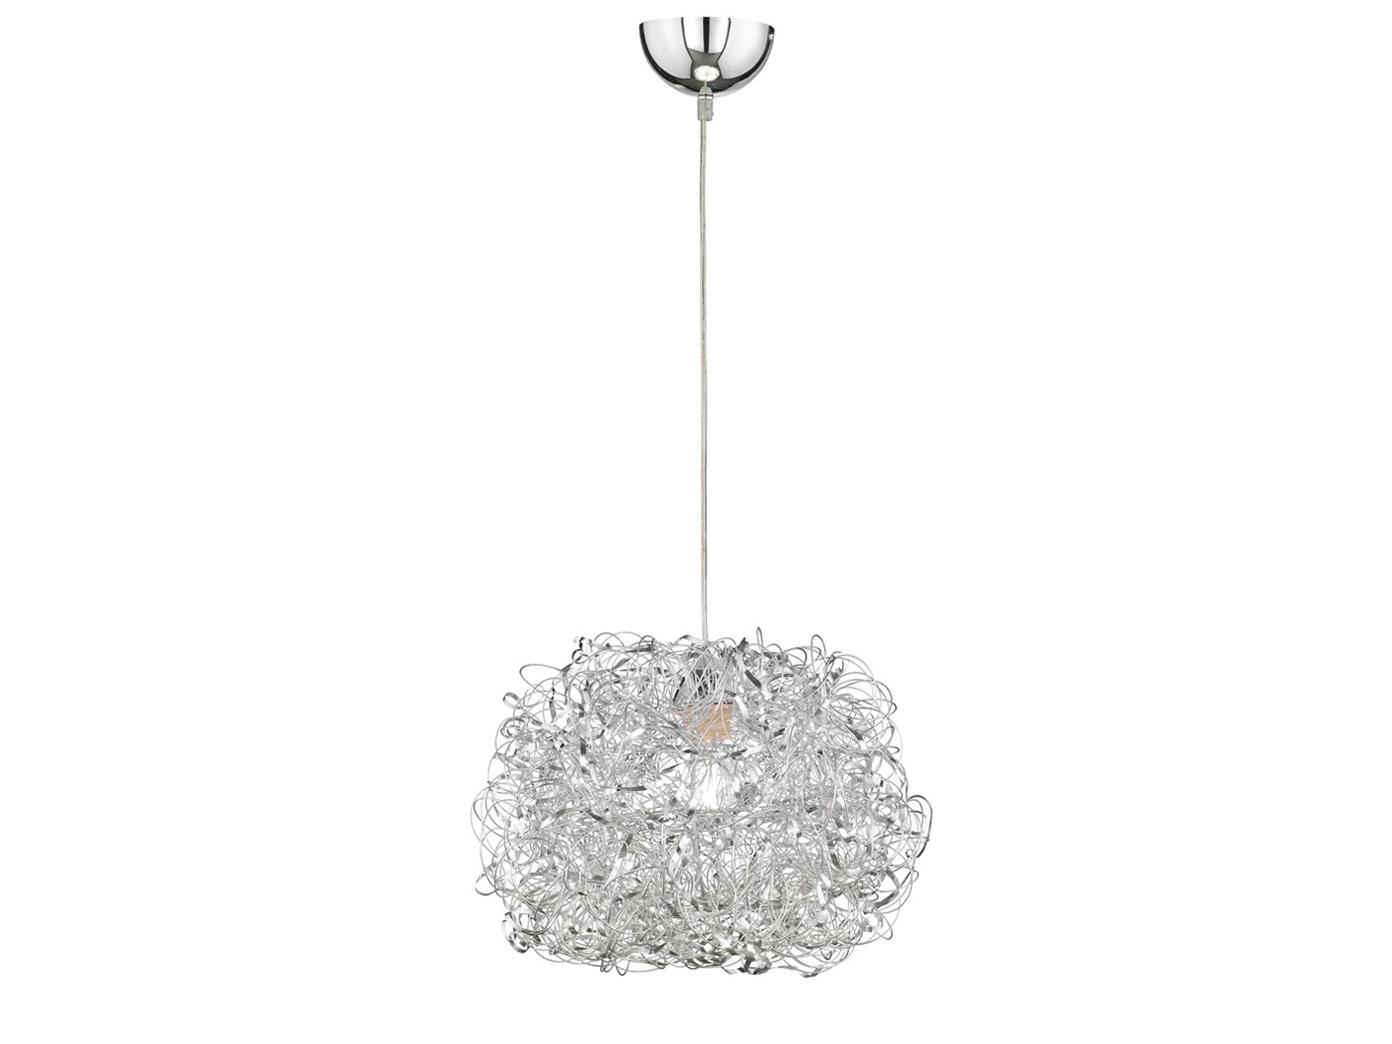 ... Haengeleuchte Silber 40cm E27 Esstisch Lampe Pendelleuchte Wohnzimmer